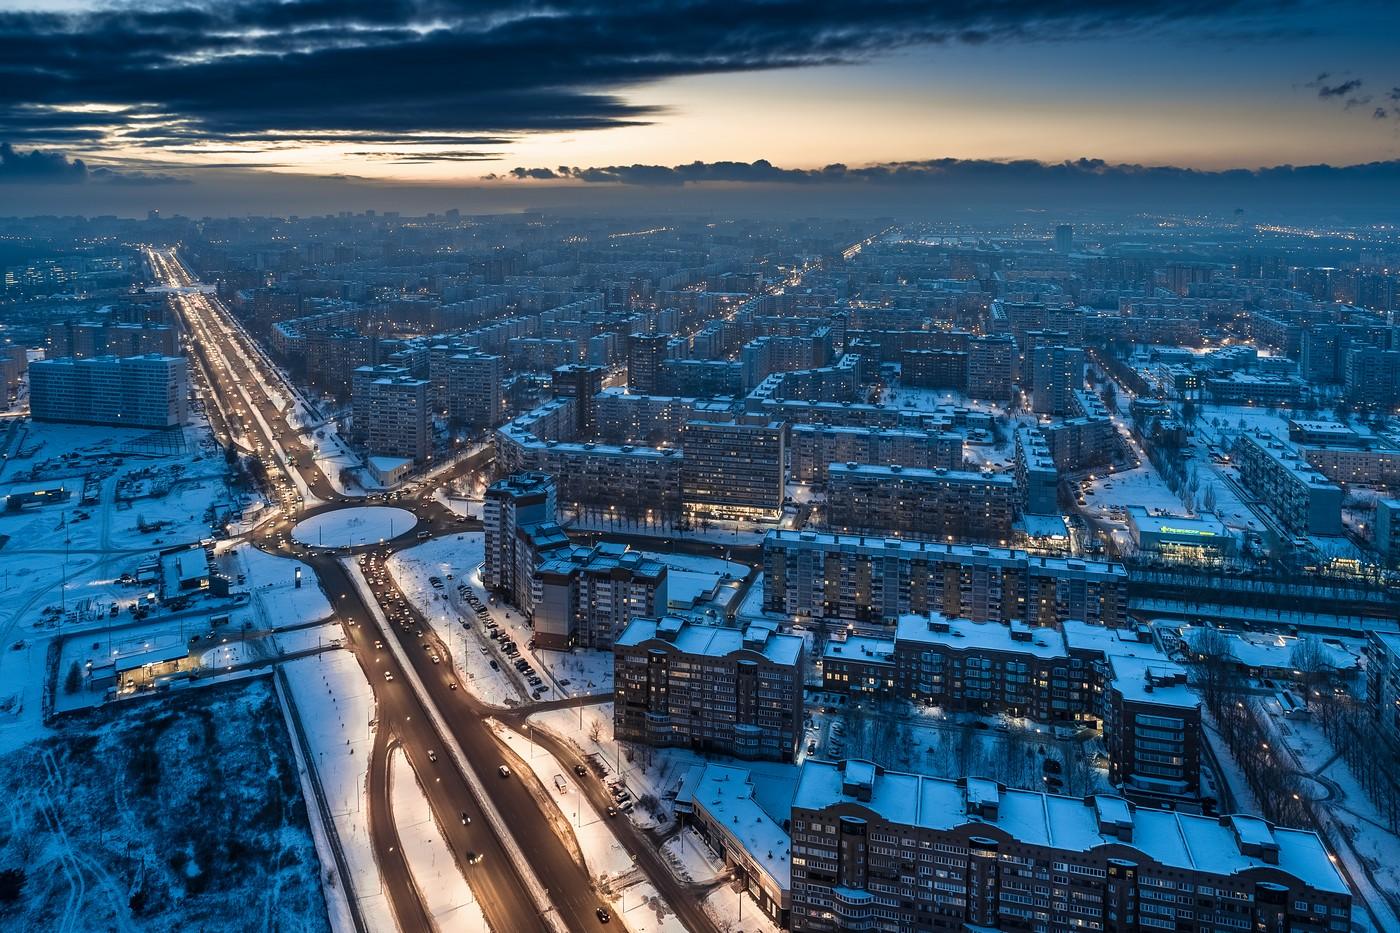 тот момент фото москвы зимой с высоты могут быть